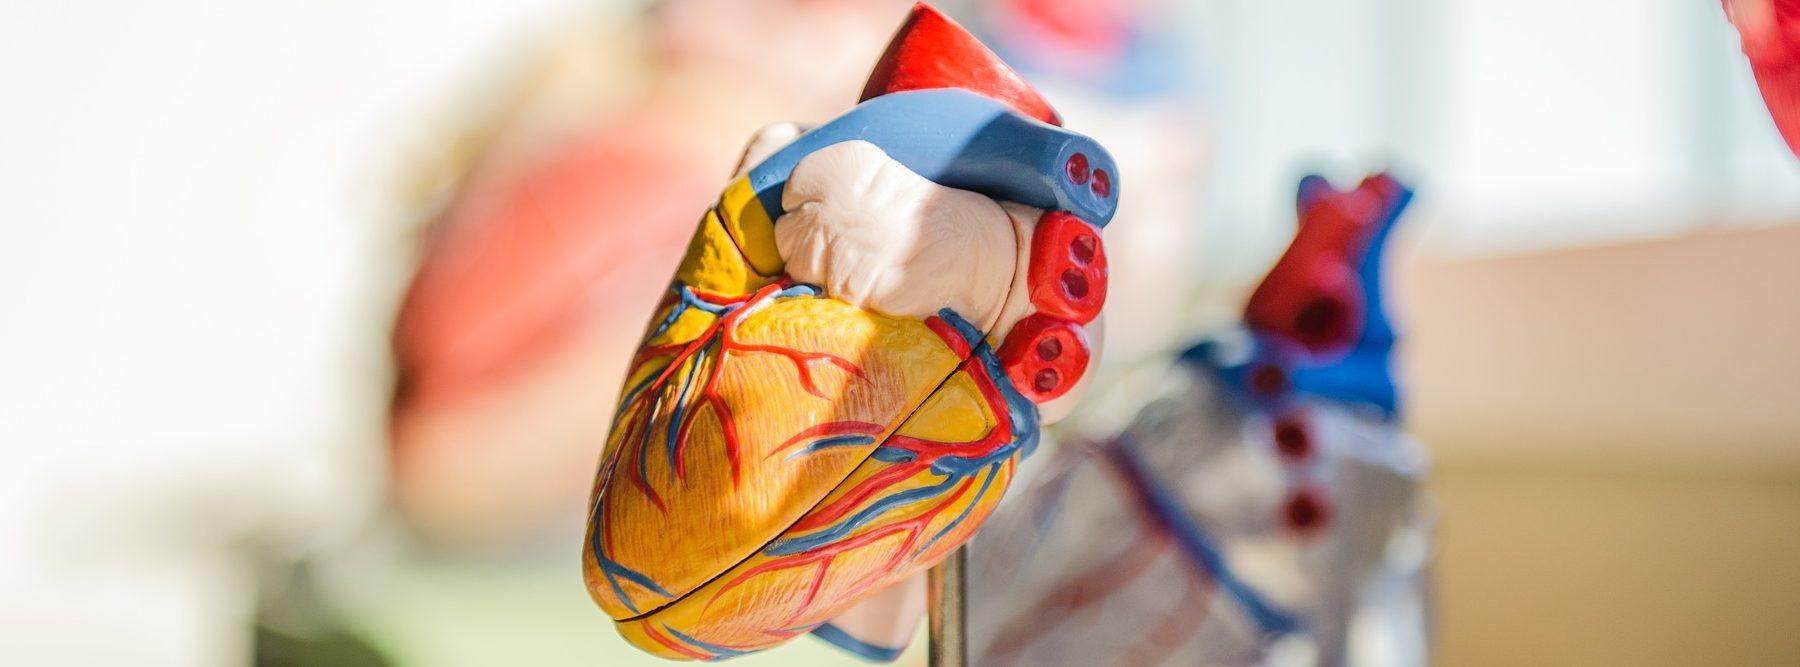 Fabrican un corazón vivo con una impresora 3D